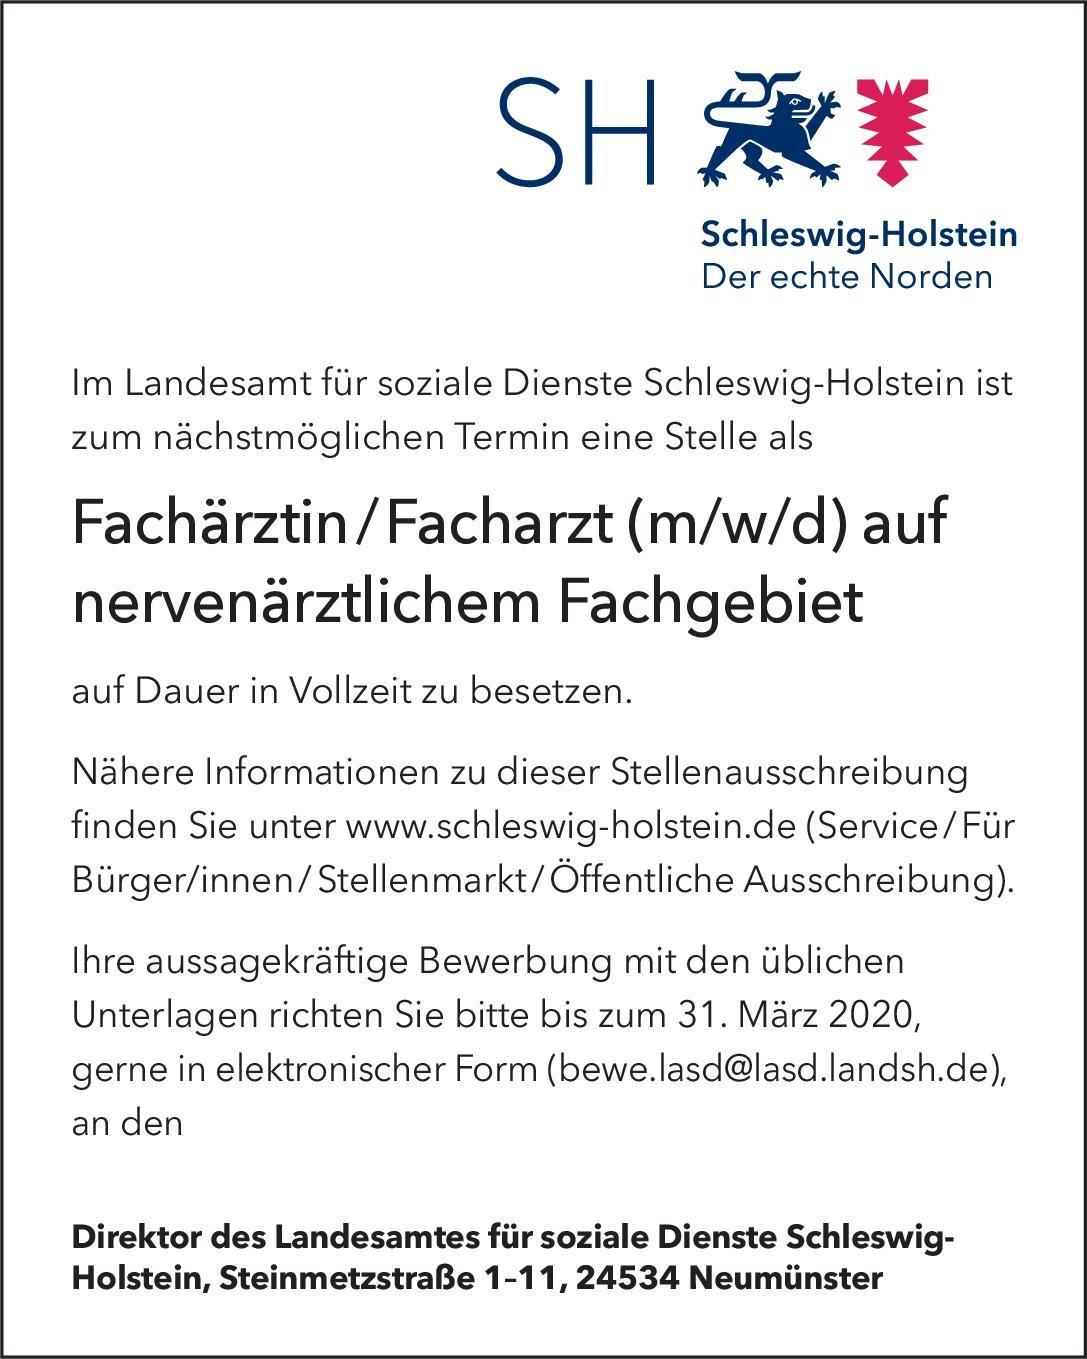 Landesamt für soziale Dienste Schleswig-Holstein Fachärztin/Facharzt (m/w/d) auf nervenärztlichem Fachgebiet  Psychiatrie und Psychotherapie, Neurologie, Psychiatrie und Psychotherapie Arzt / Facharzt